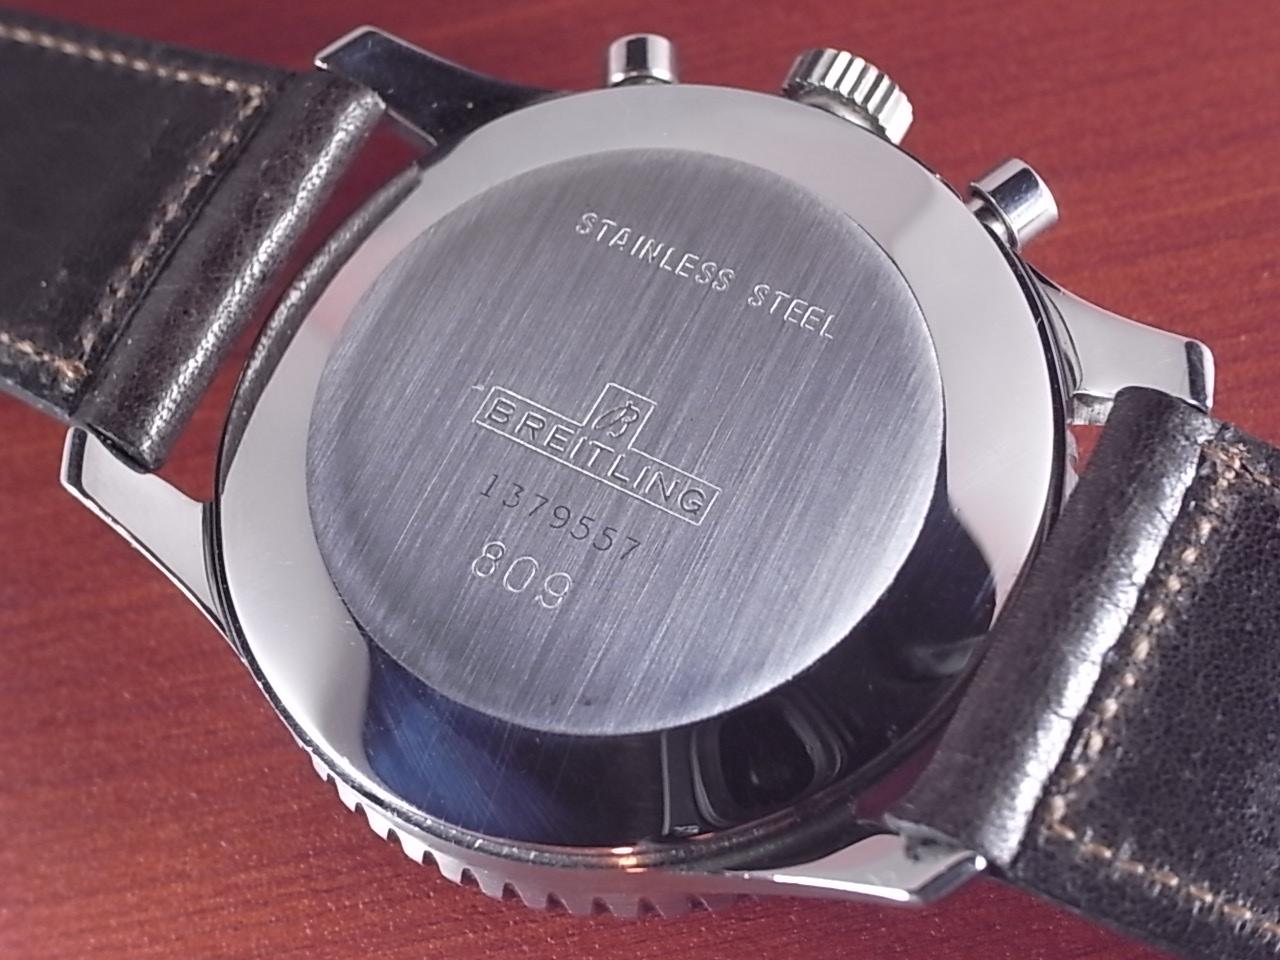 ブライトリング コスモノート Ref.809 24時間時計 ギャラ付き 1960年代の写真4枚目